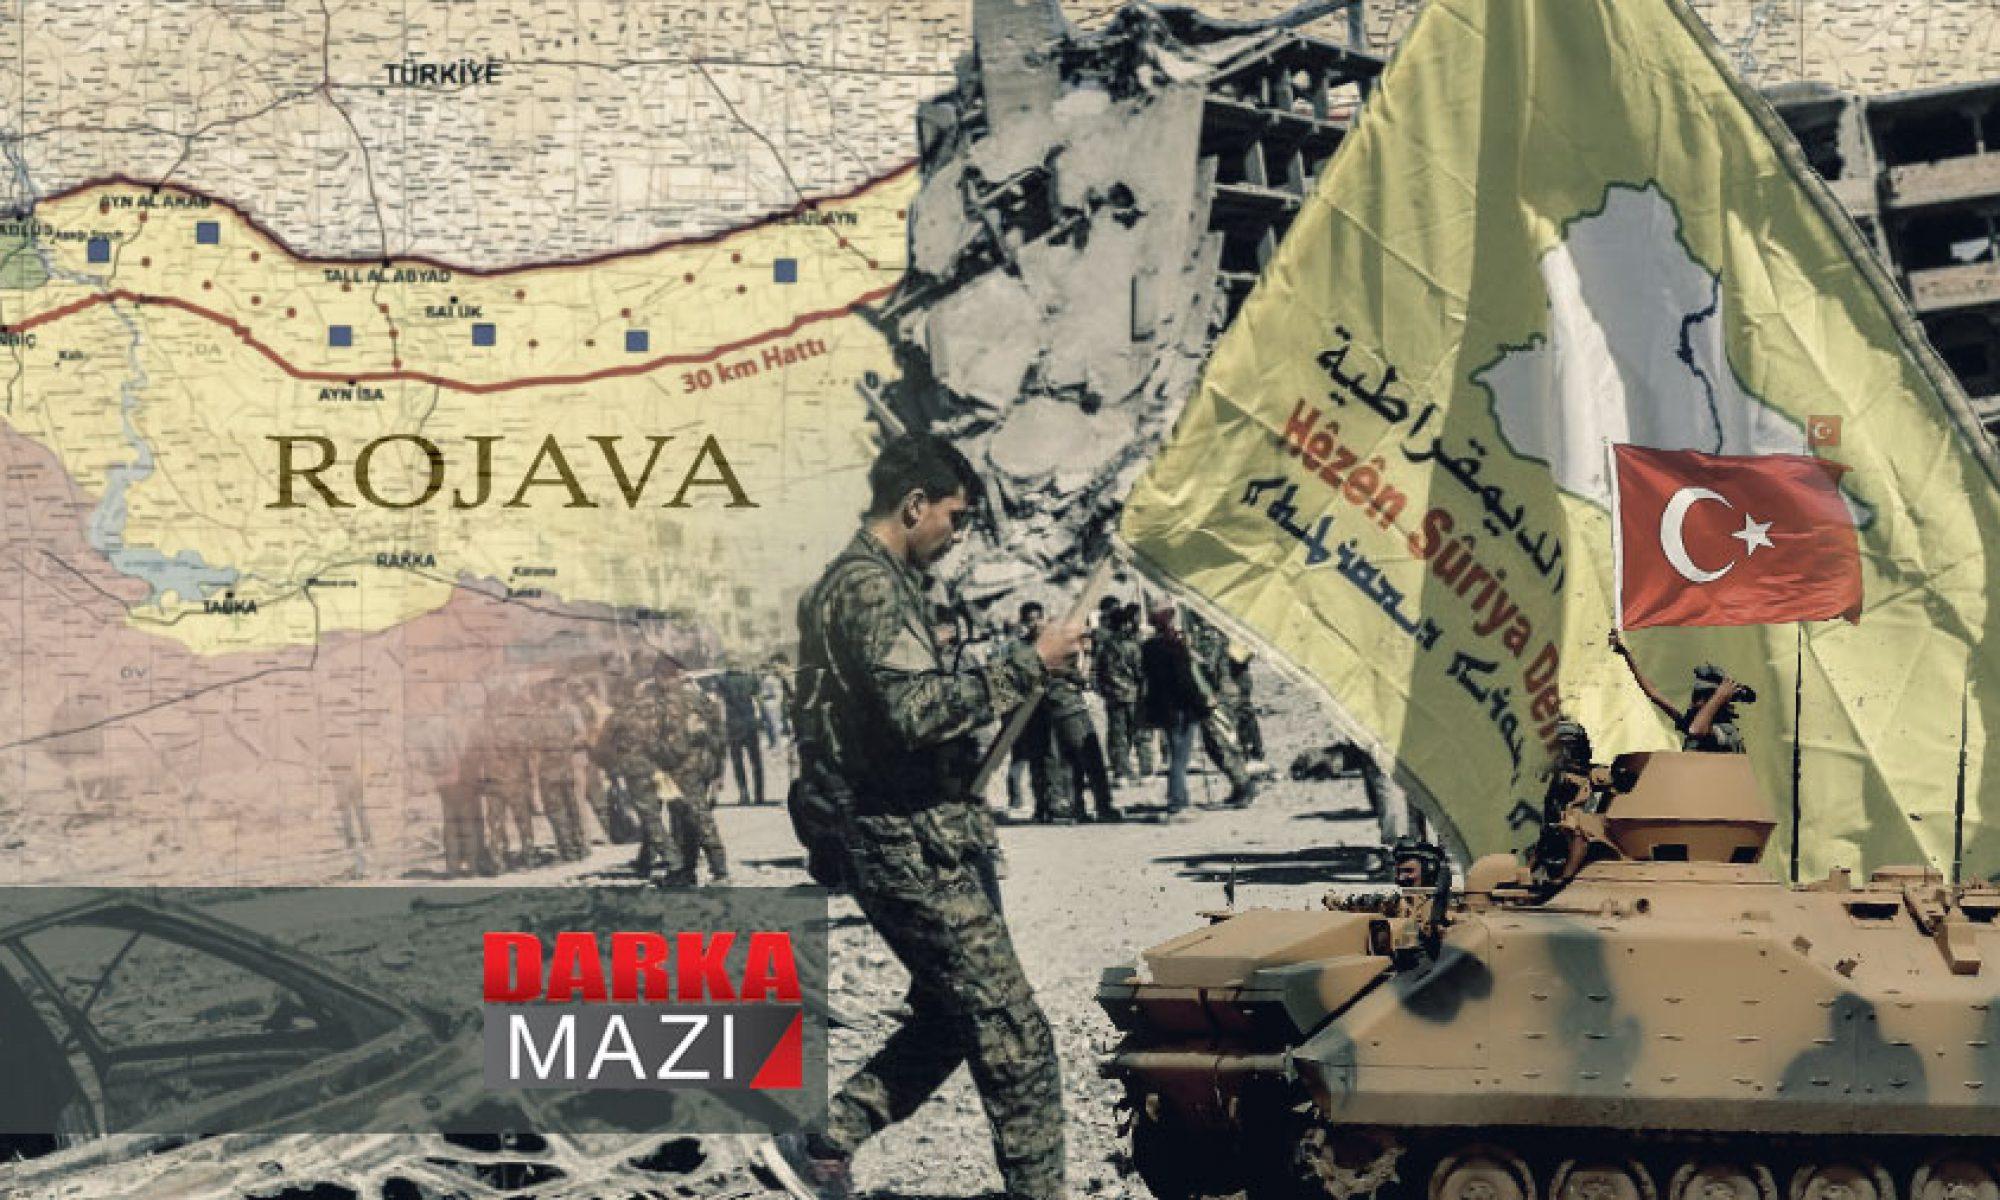 ROJAVA KÜRDİSTANINDA YAŞANAN GELİŞMELER VE TARİHTEN ÇIKARILMAYAN DERSLER. Kobani, Mazlum Abdi